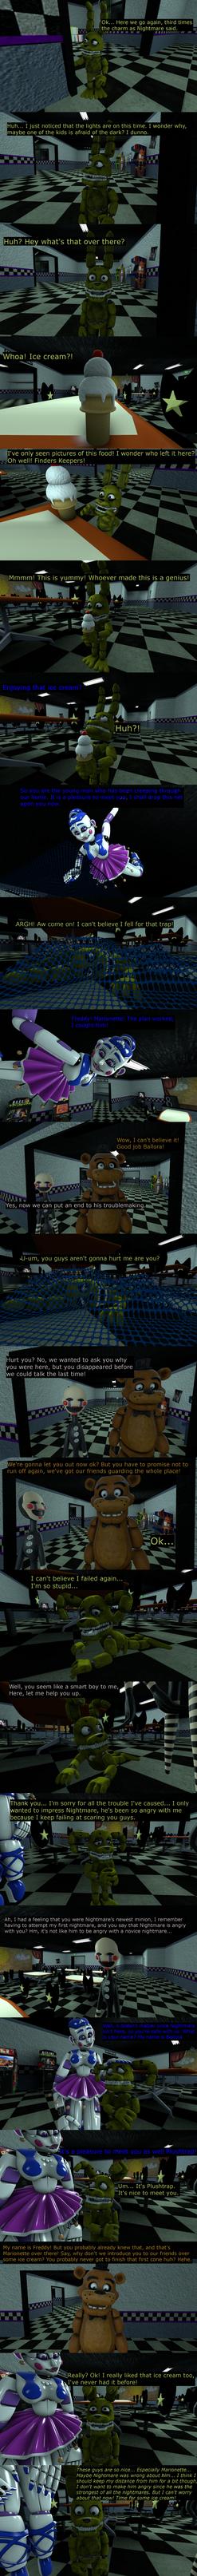 The Misfit Nightmare Pt 7 by EmeraldWerewolfHeart